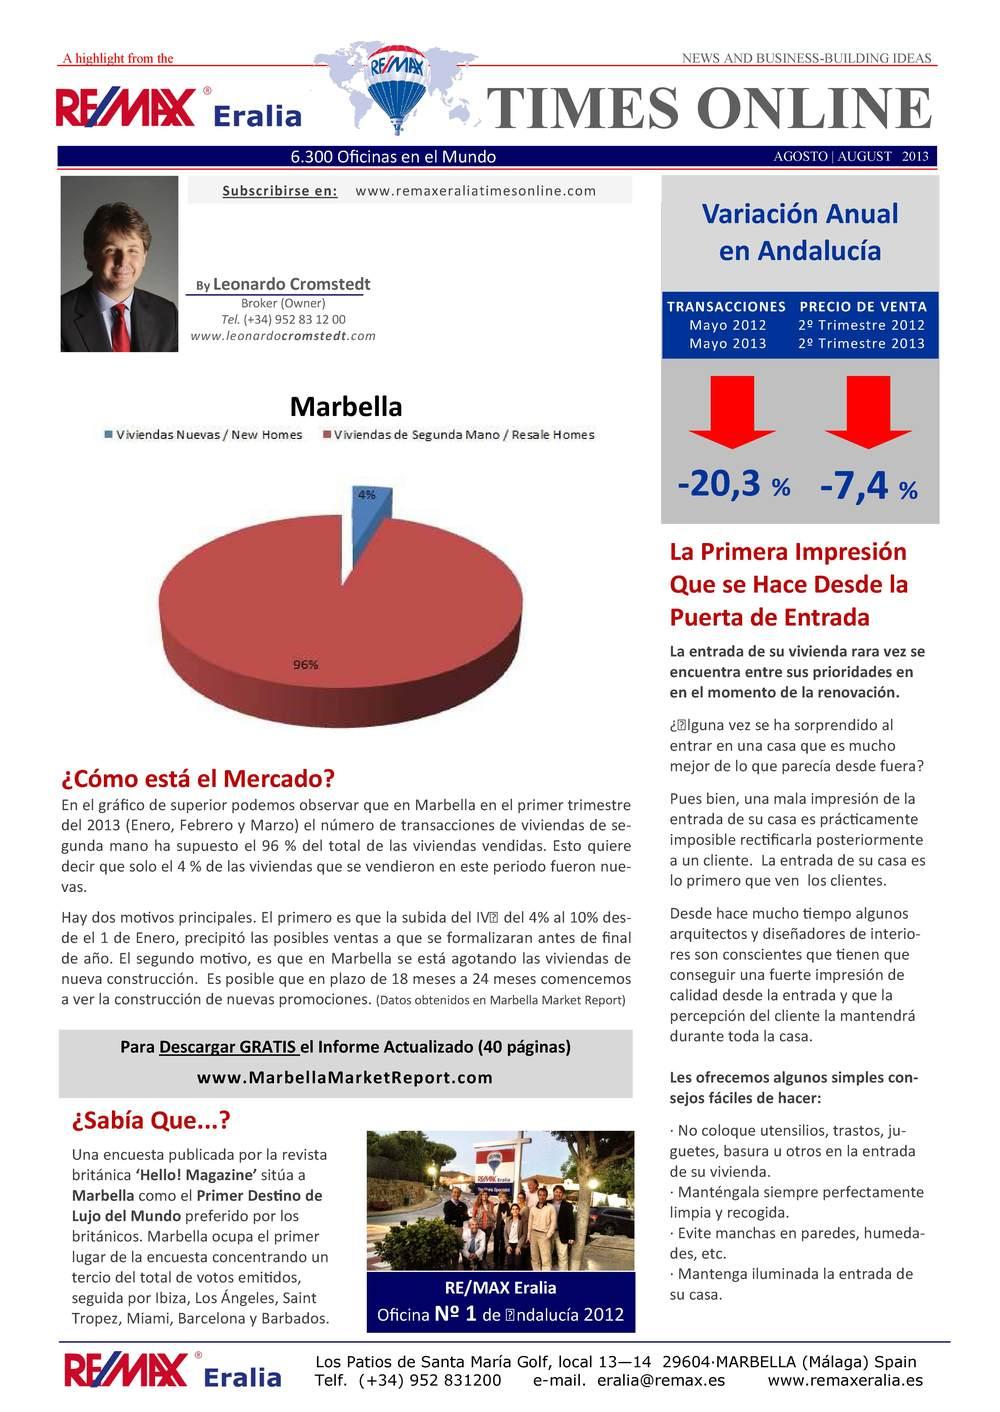 REMAX Eralia Times Online (Agosto 2013) ESP.jpg